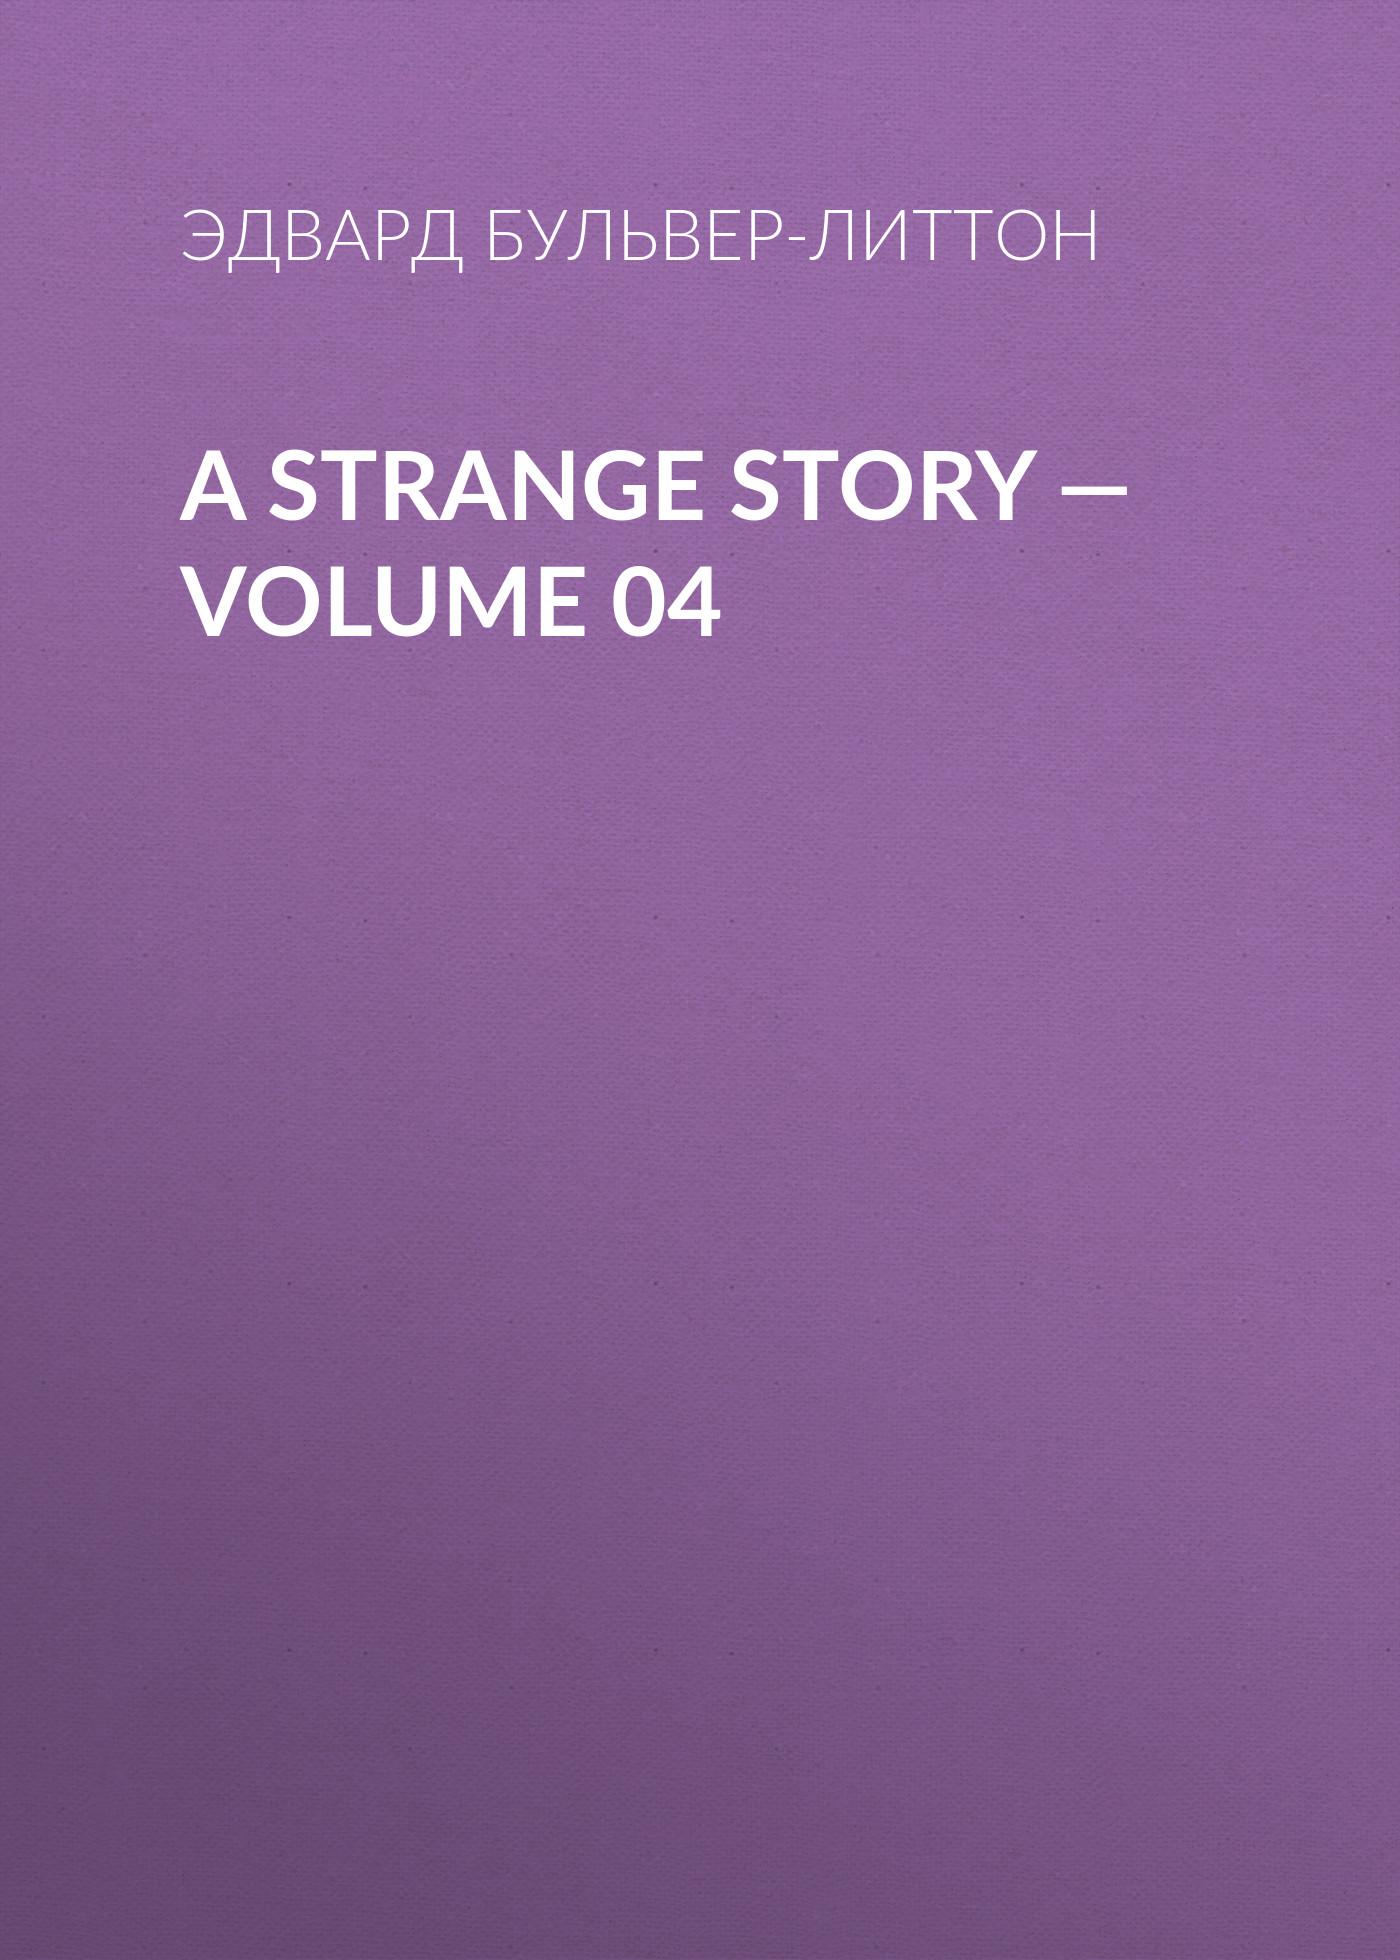 Эдвард Бульвер-Литтон A Strange Story — Volume 04 эдвард бульвер литтон a strange story volume 05